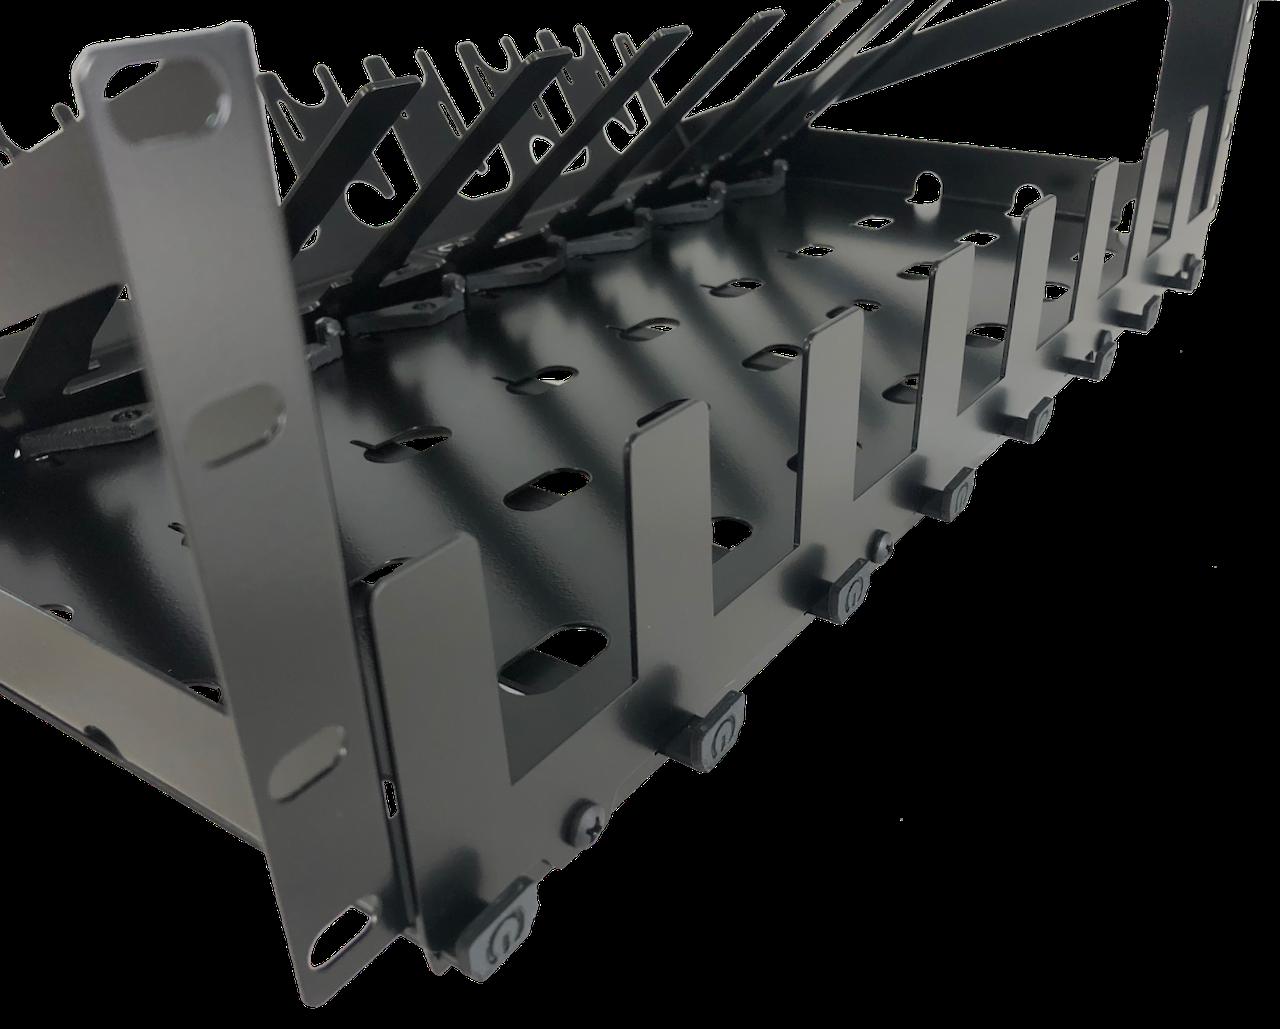 Power Buttons Shown on MMR-2G-5U